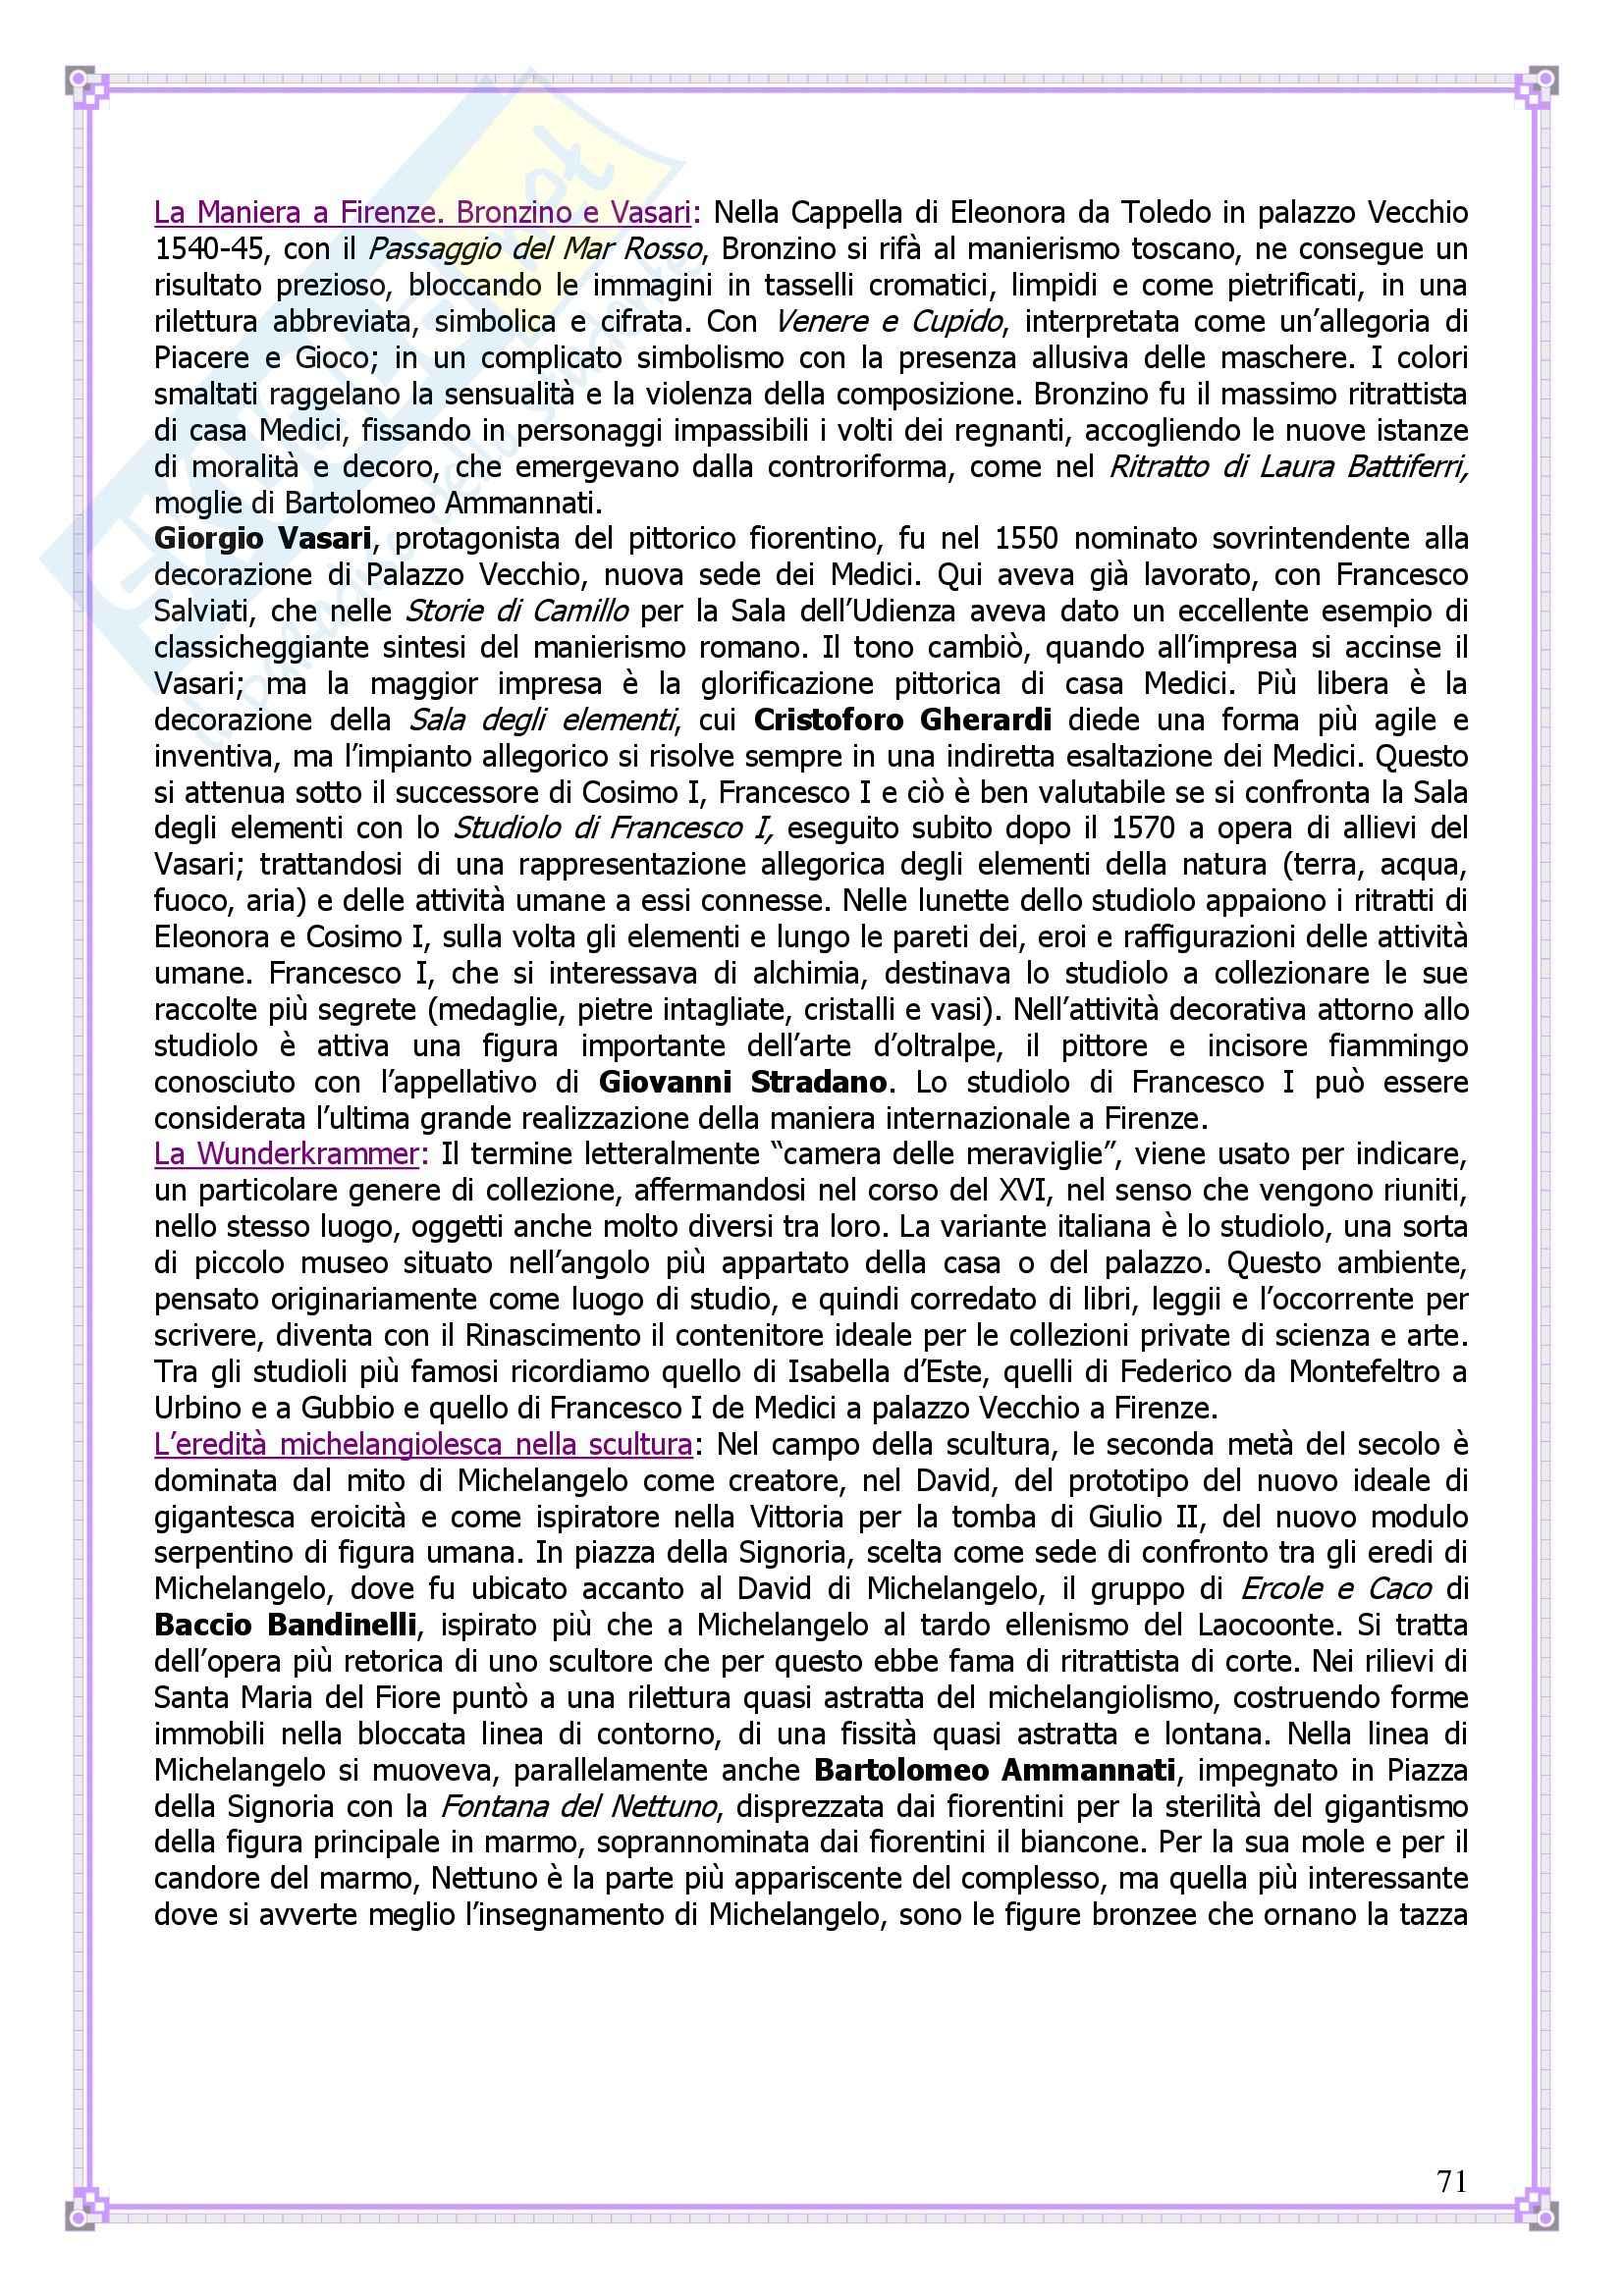 Lineamenti di Arte moderna: 400 e 500 - Appunti Pag. 71